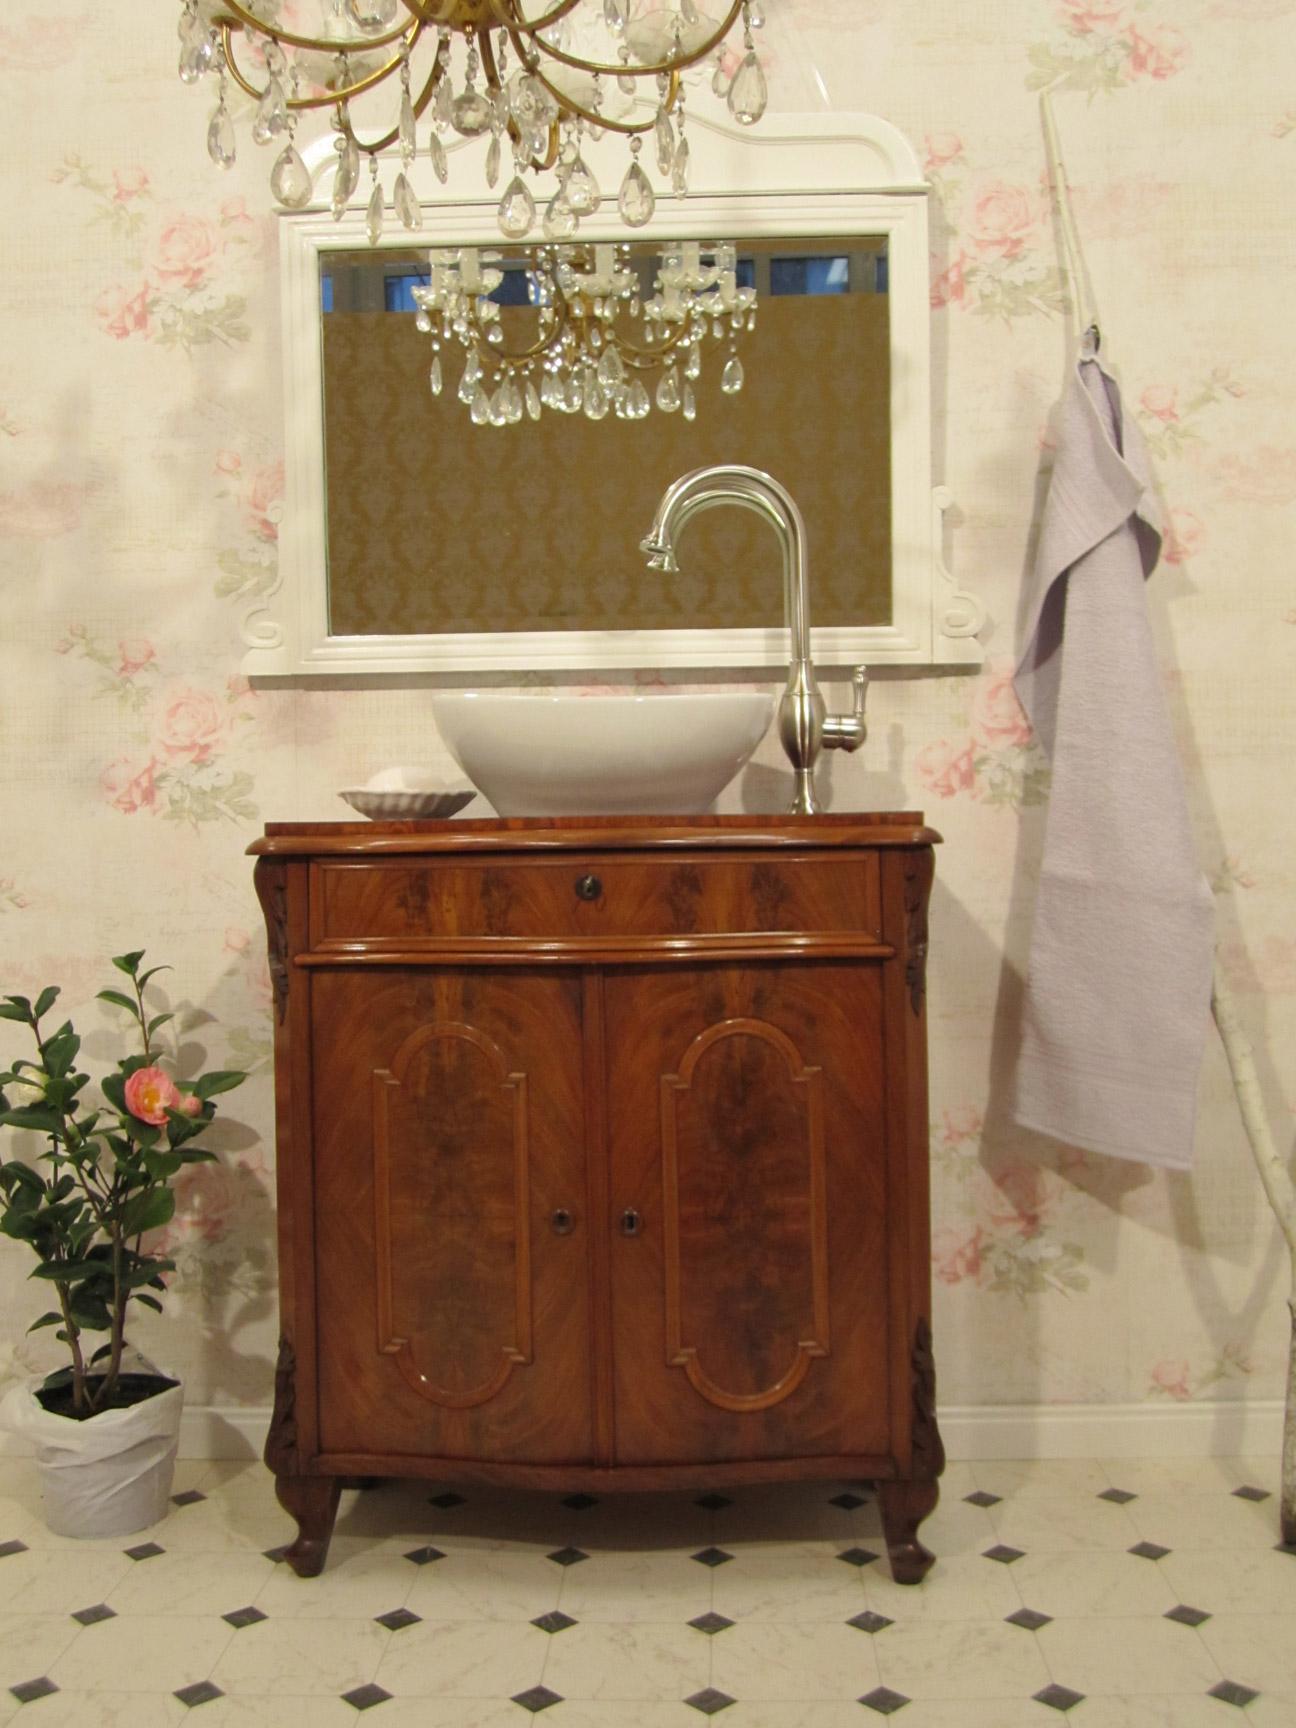 Waschtisch antik  Waschtisch antik Archive – Wasserheimat